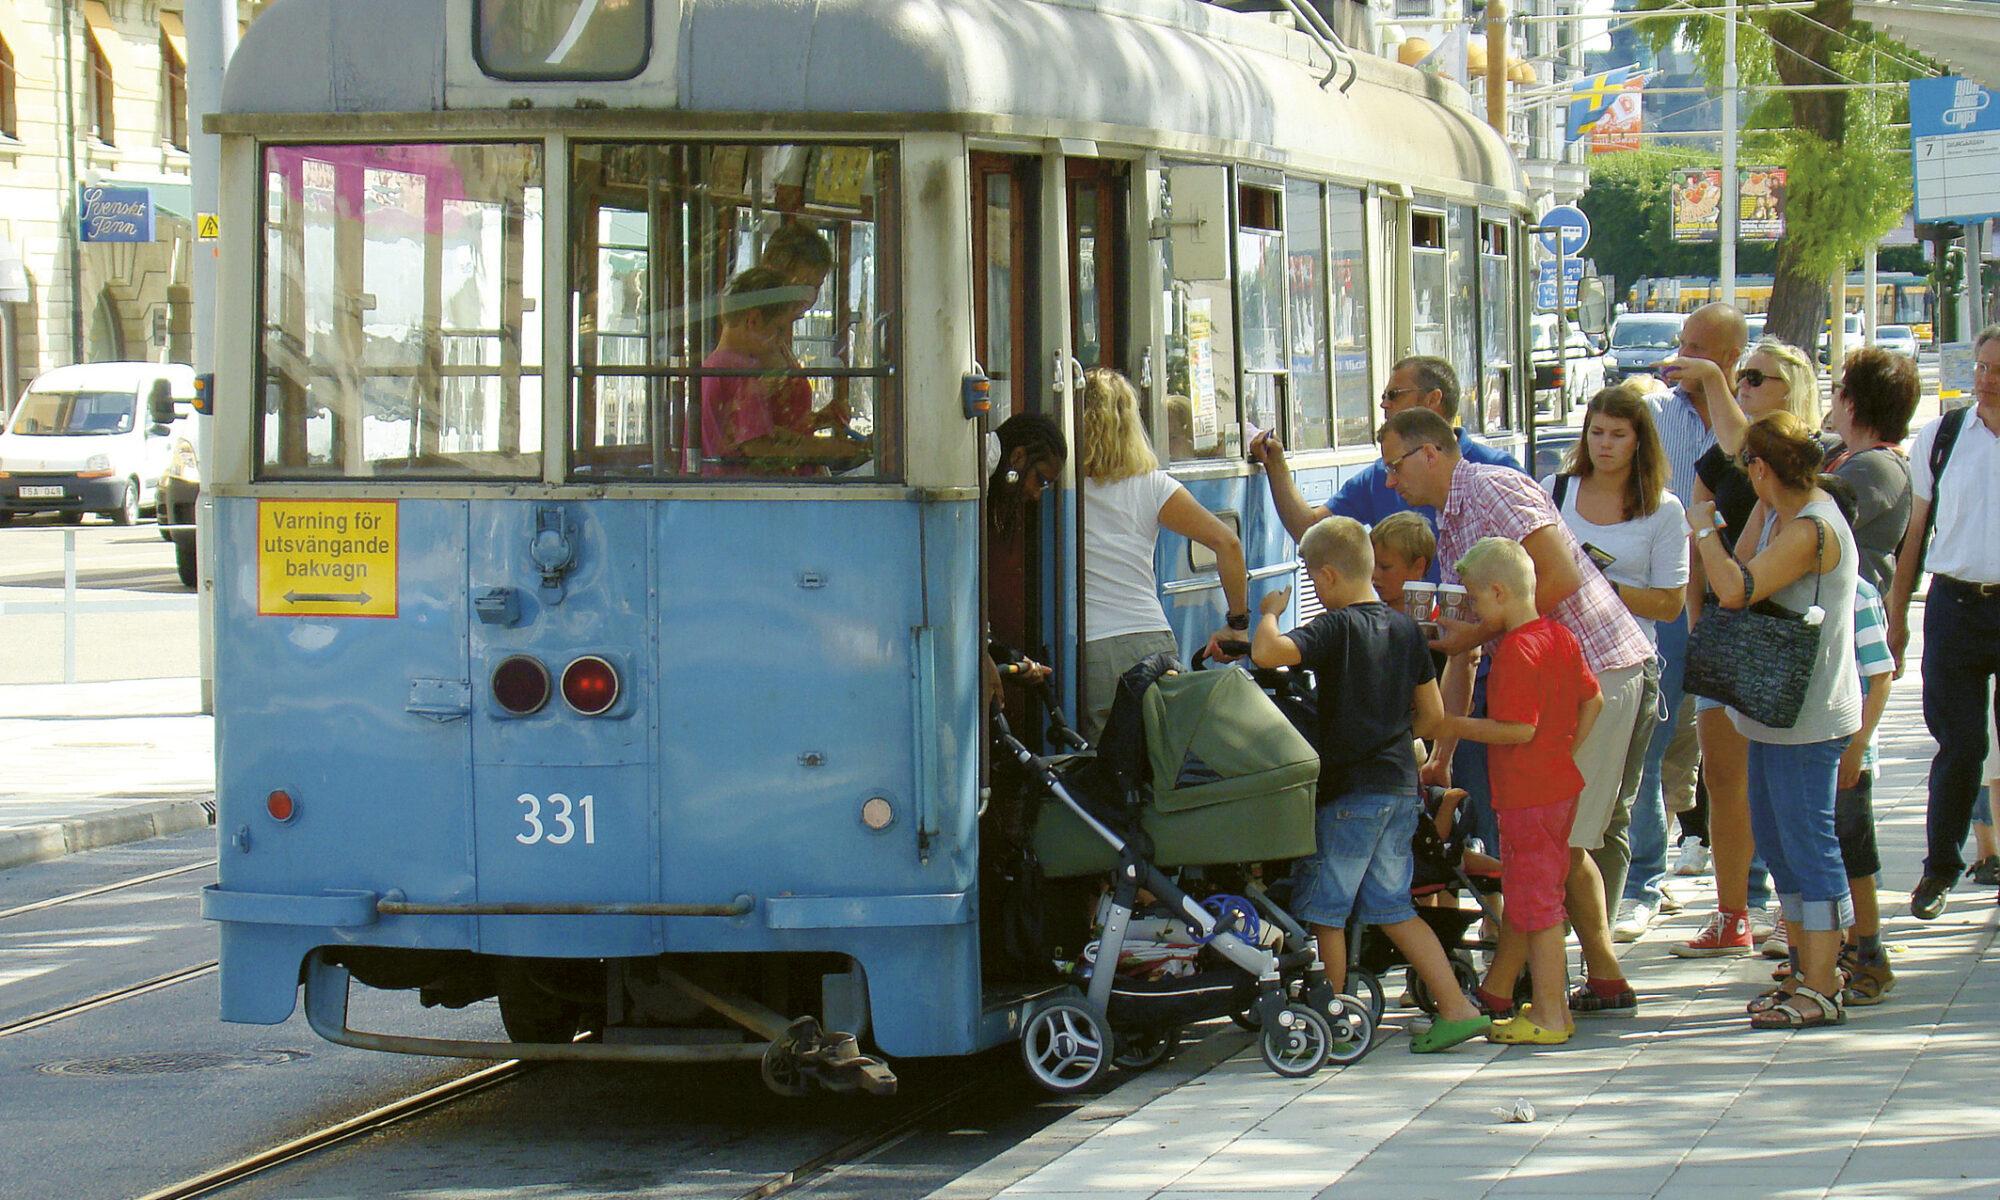 Äntligen går de gamla spårvagnarna i tjänst igen